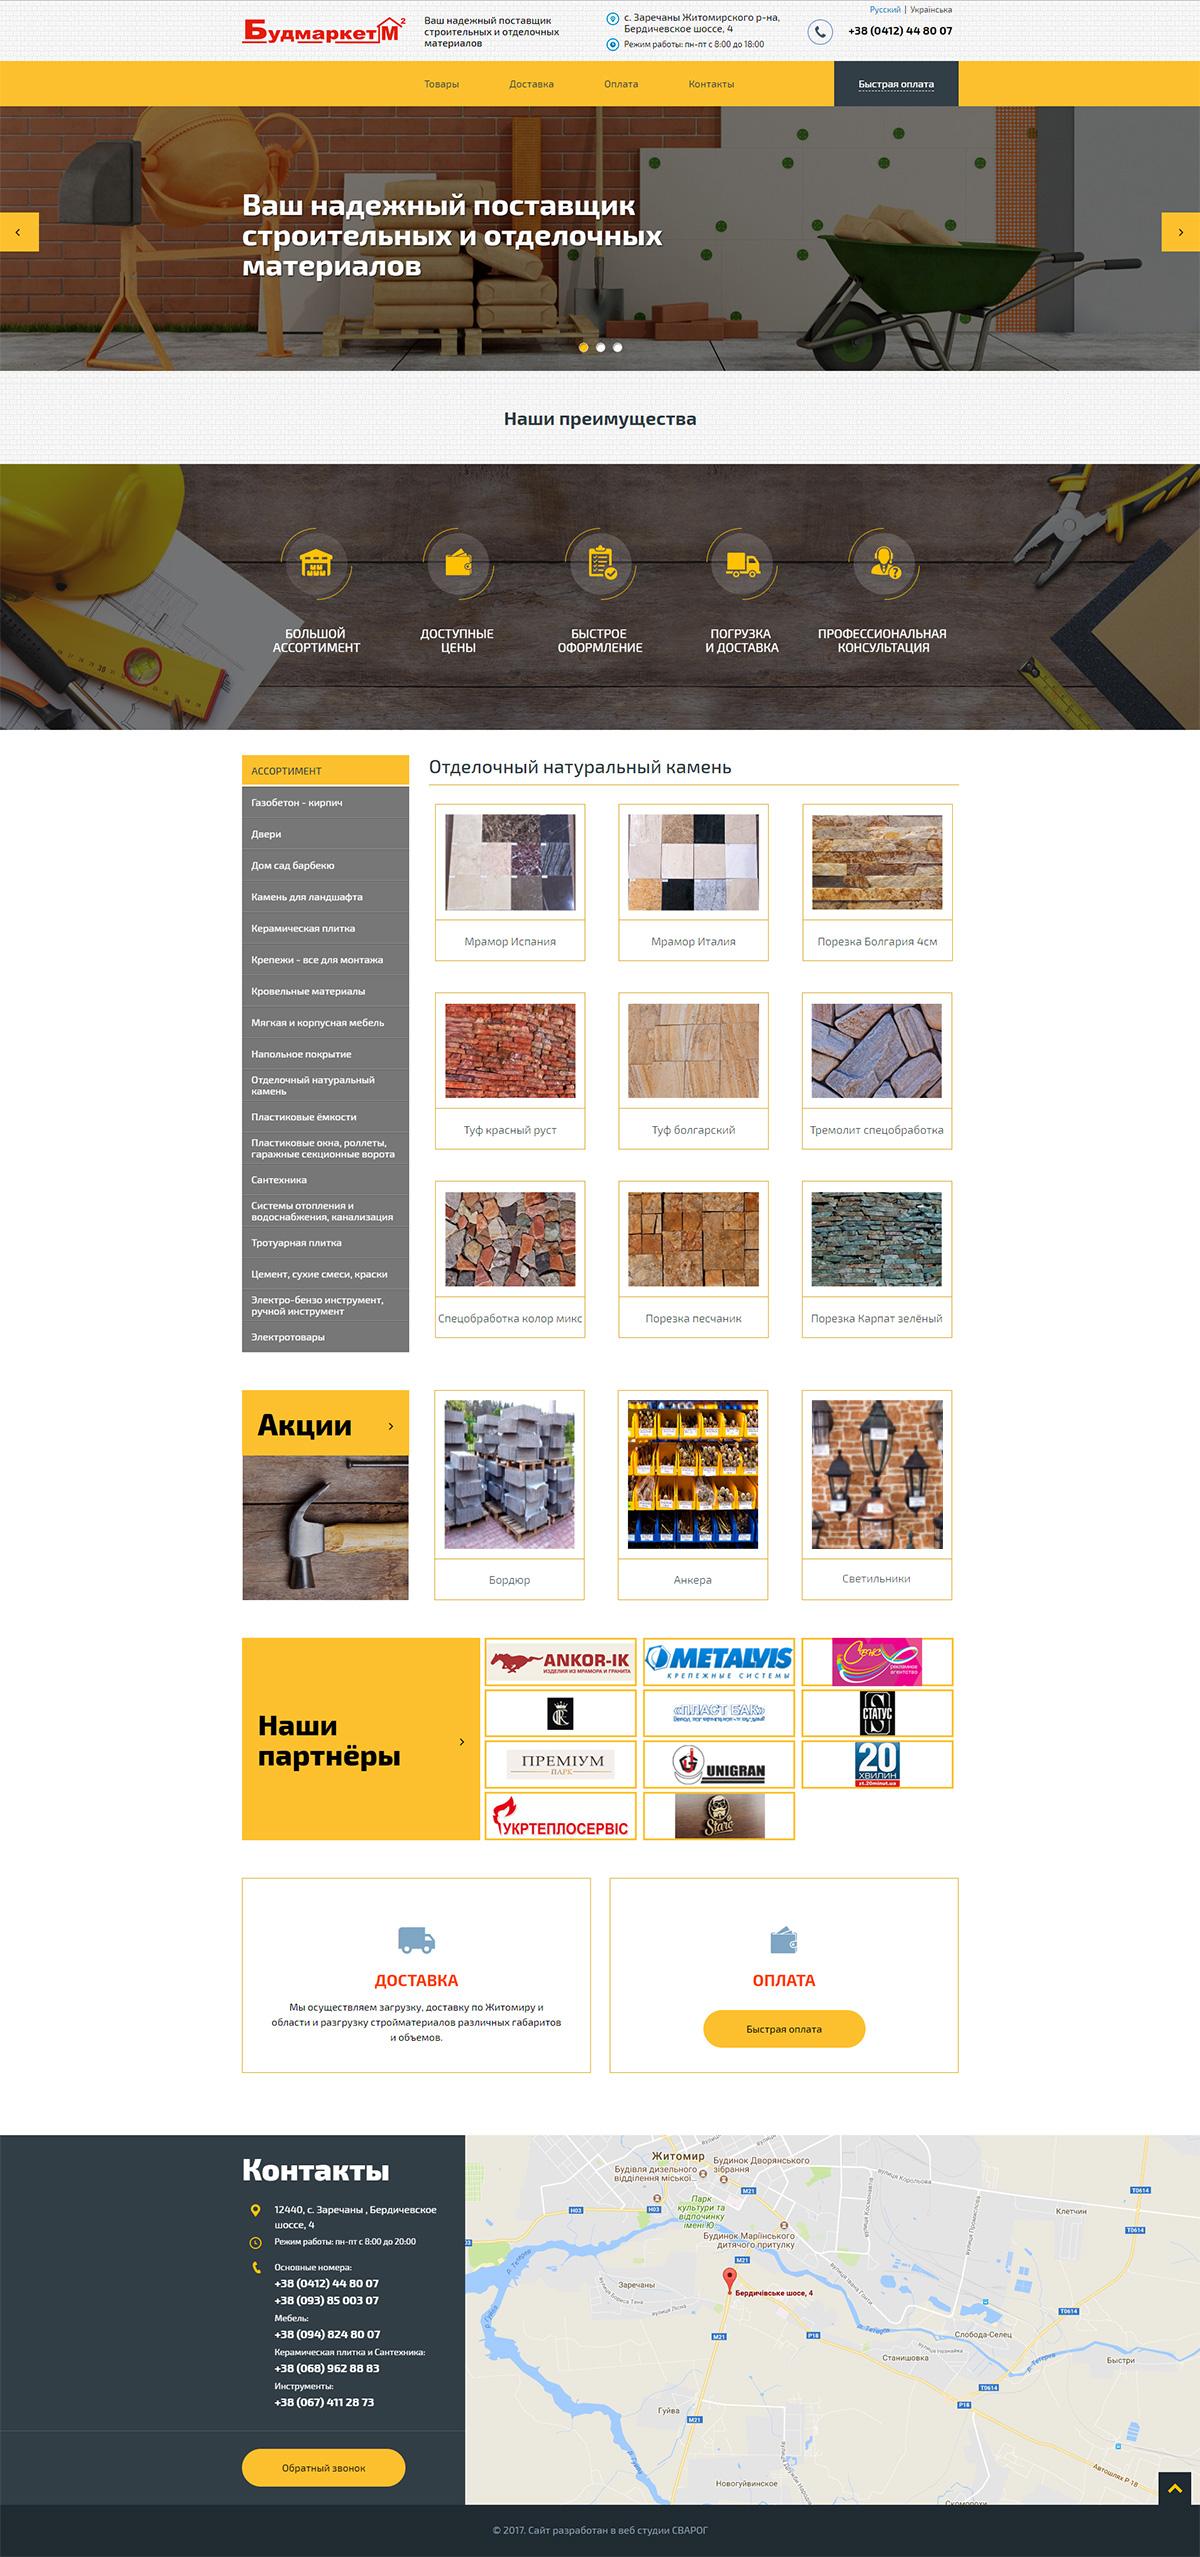 Главная страница сайта интернет-магазина продажи товаров Будмаркет